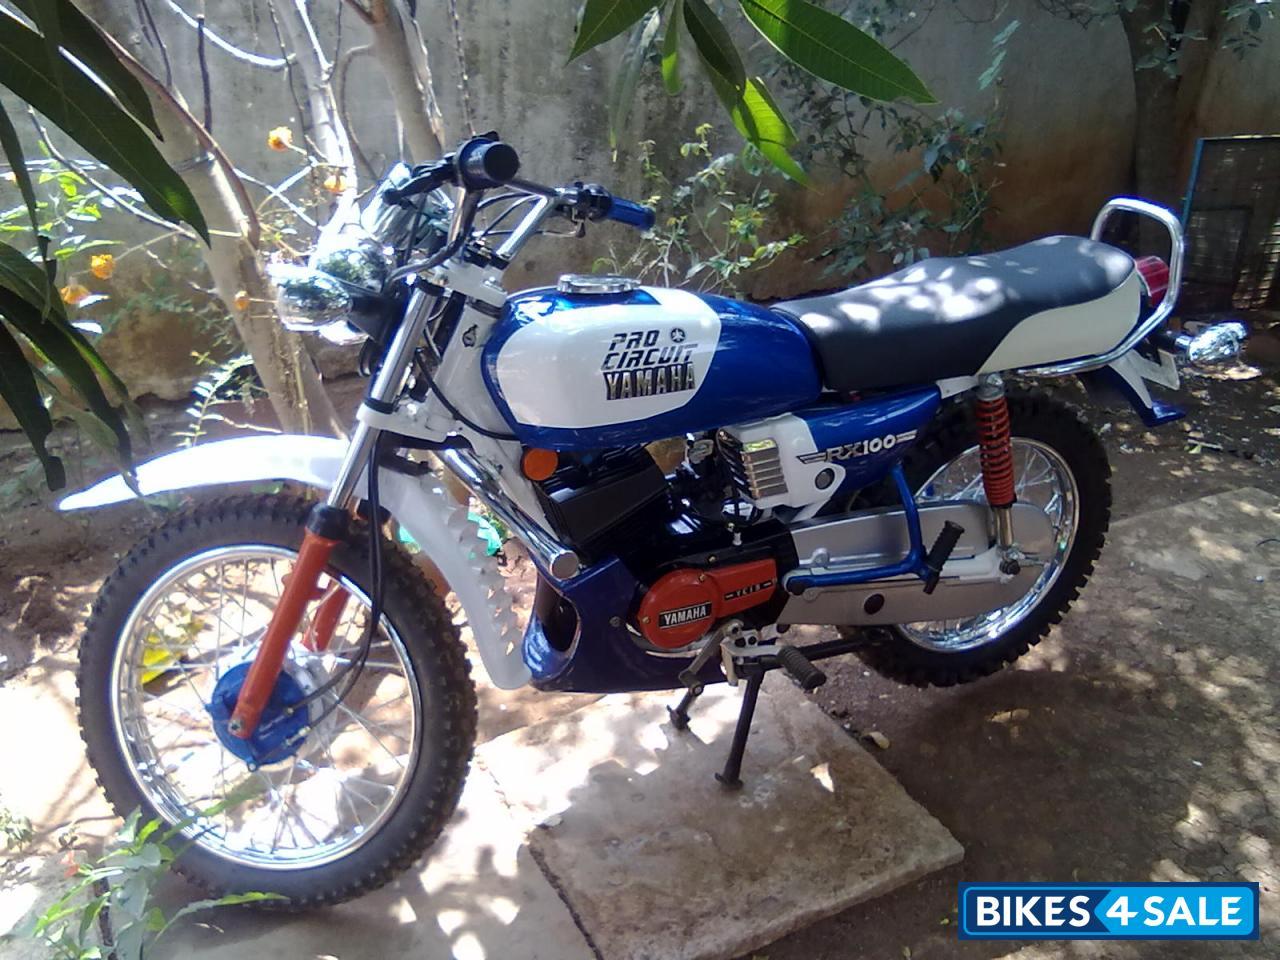 Yamaha rx 100 Bike Images images